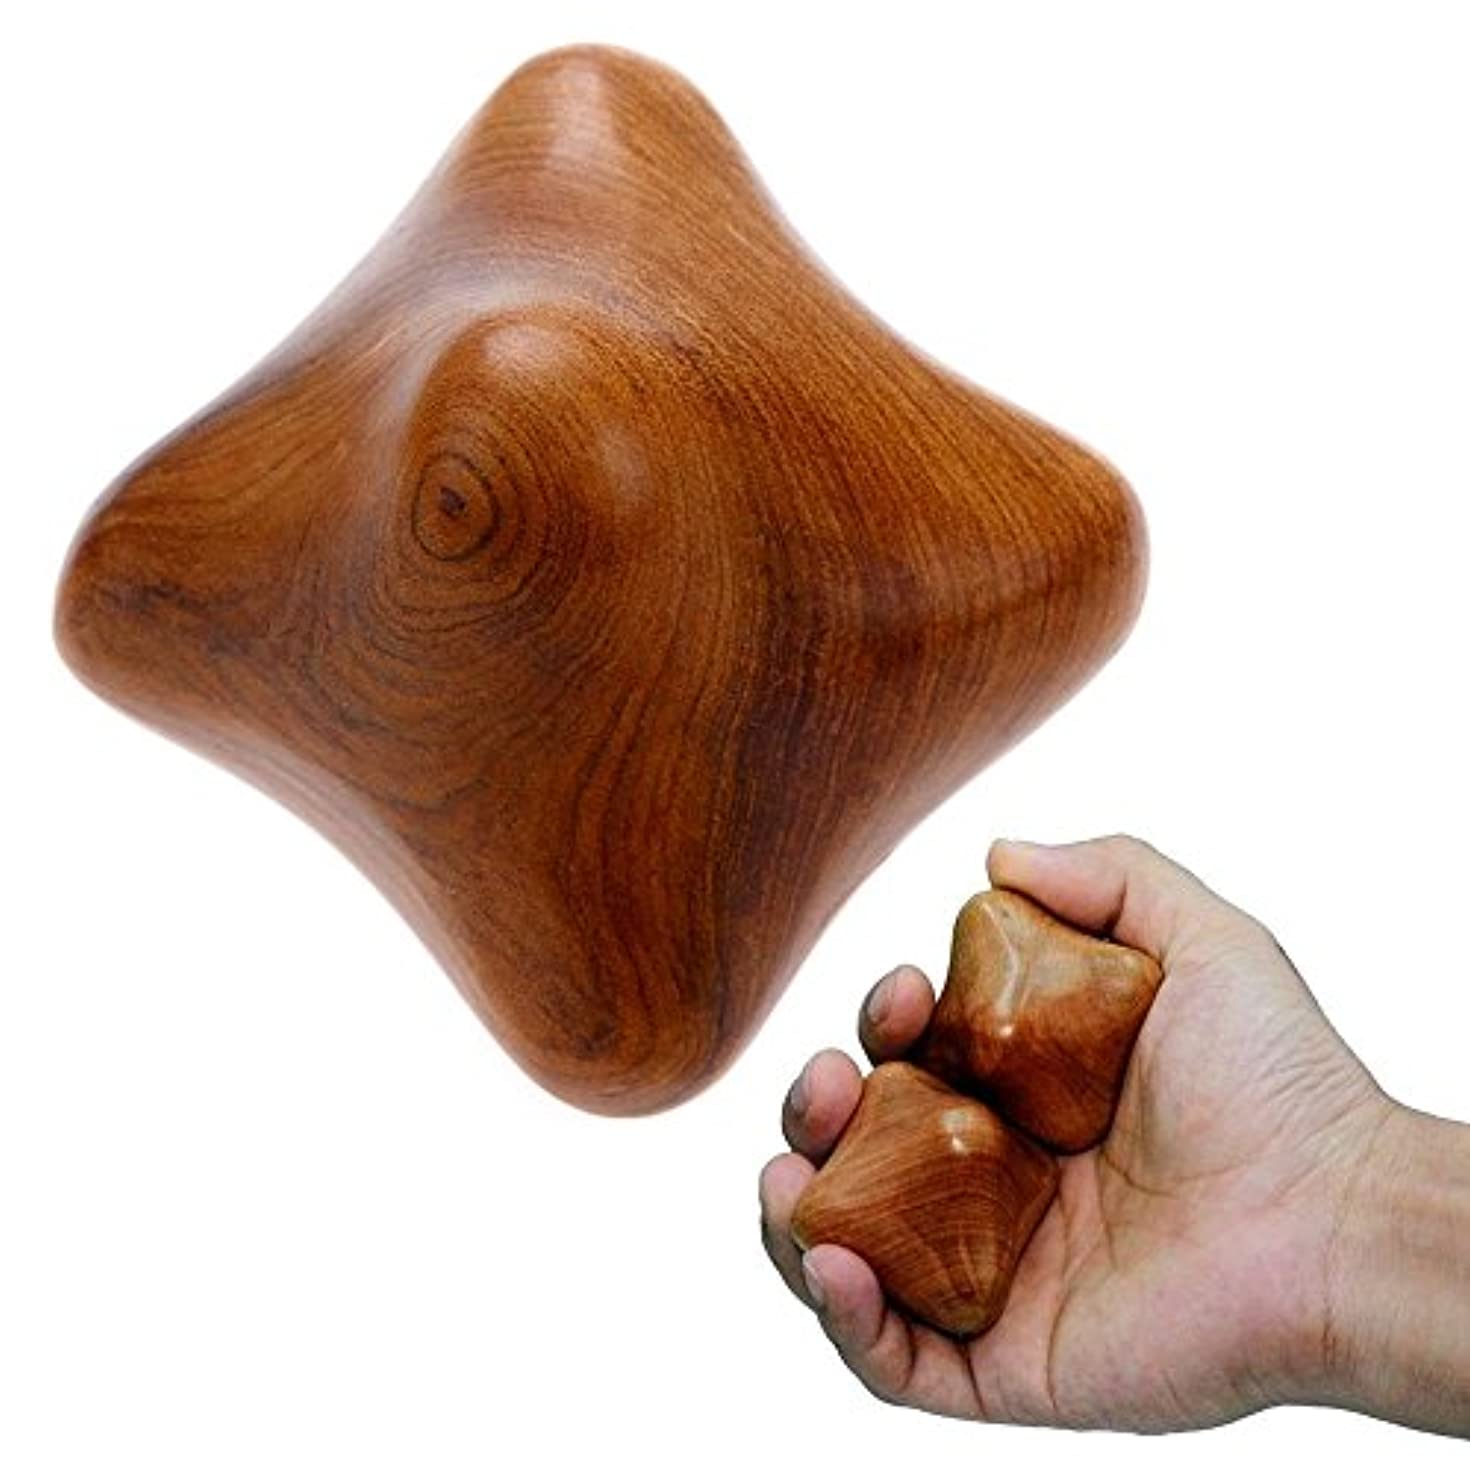 ヨーロッパ勘違いする自発MARUKOA - 2 SET Thai Traditional Reflexology Massage Therapy Fingers Hand Wood Star